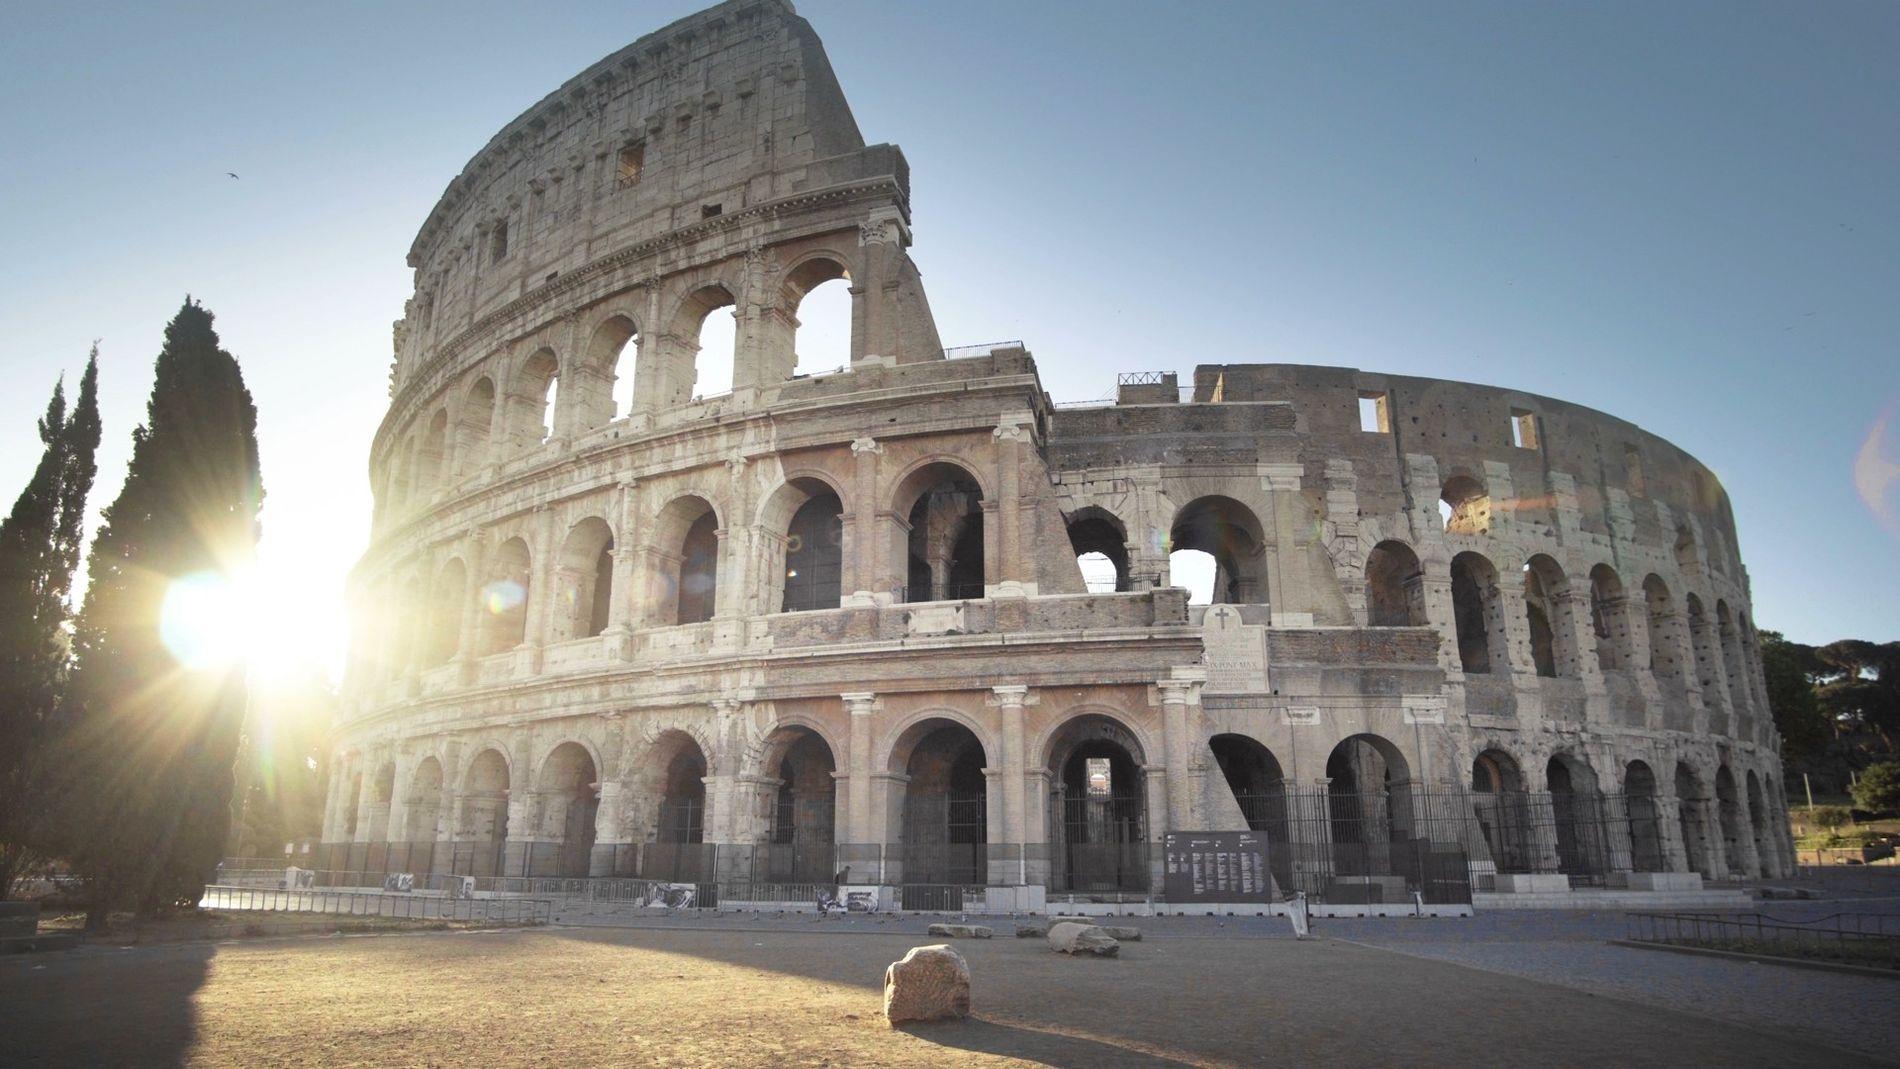 Factos sobre Roma Antiga